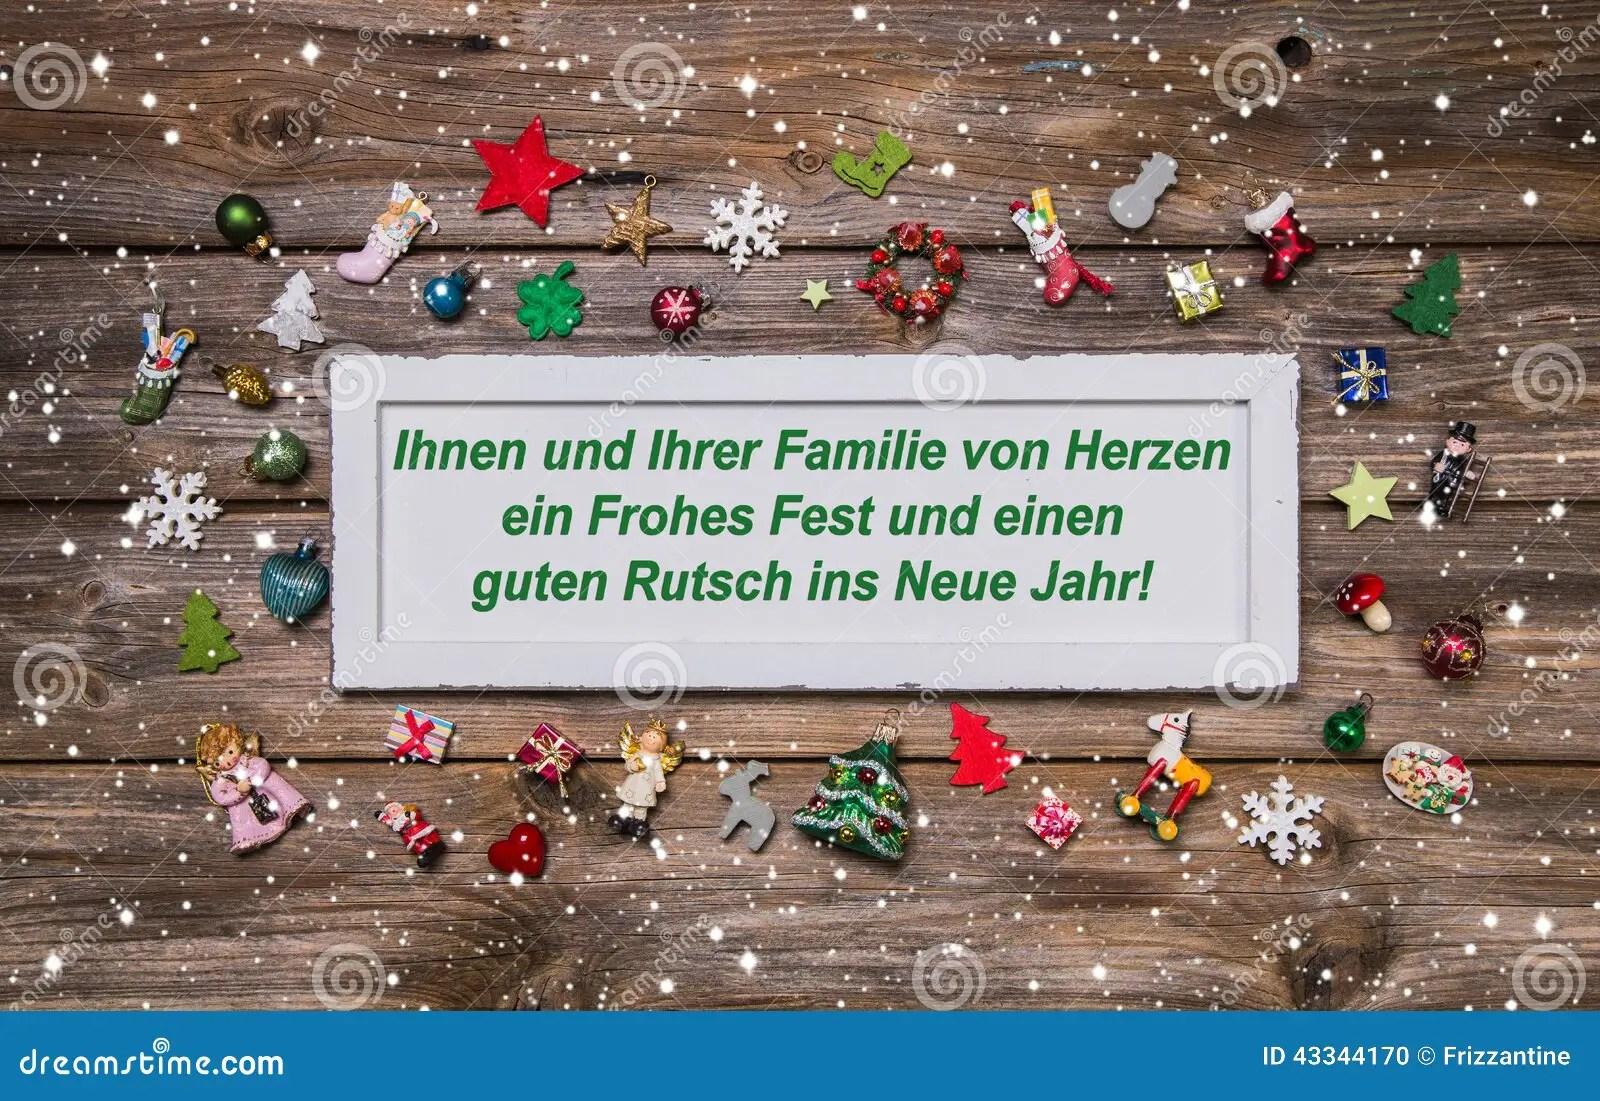 Kerstkaart Met Kleurrijke Decoratie En Duitse Teksten